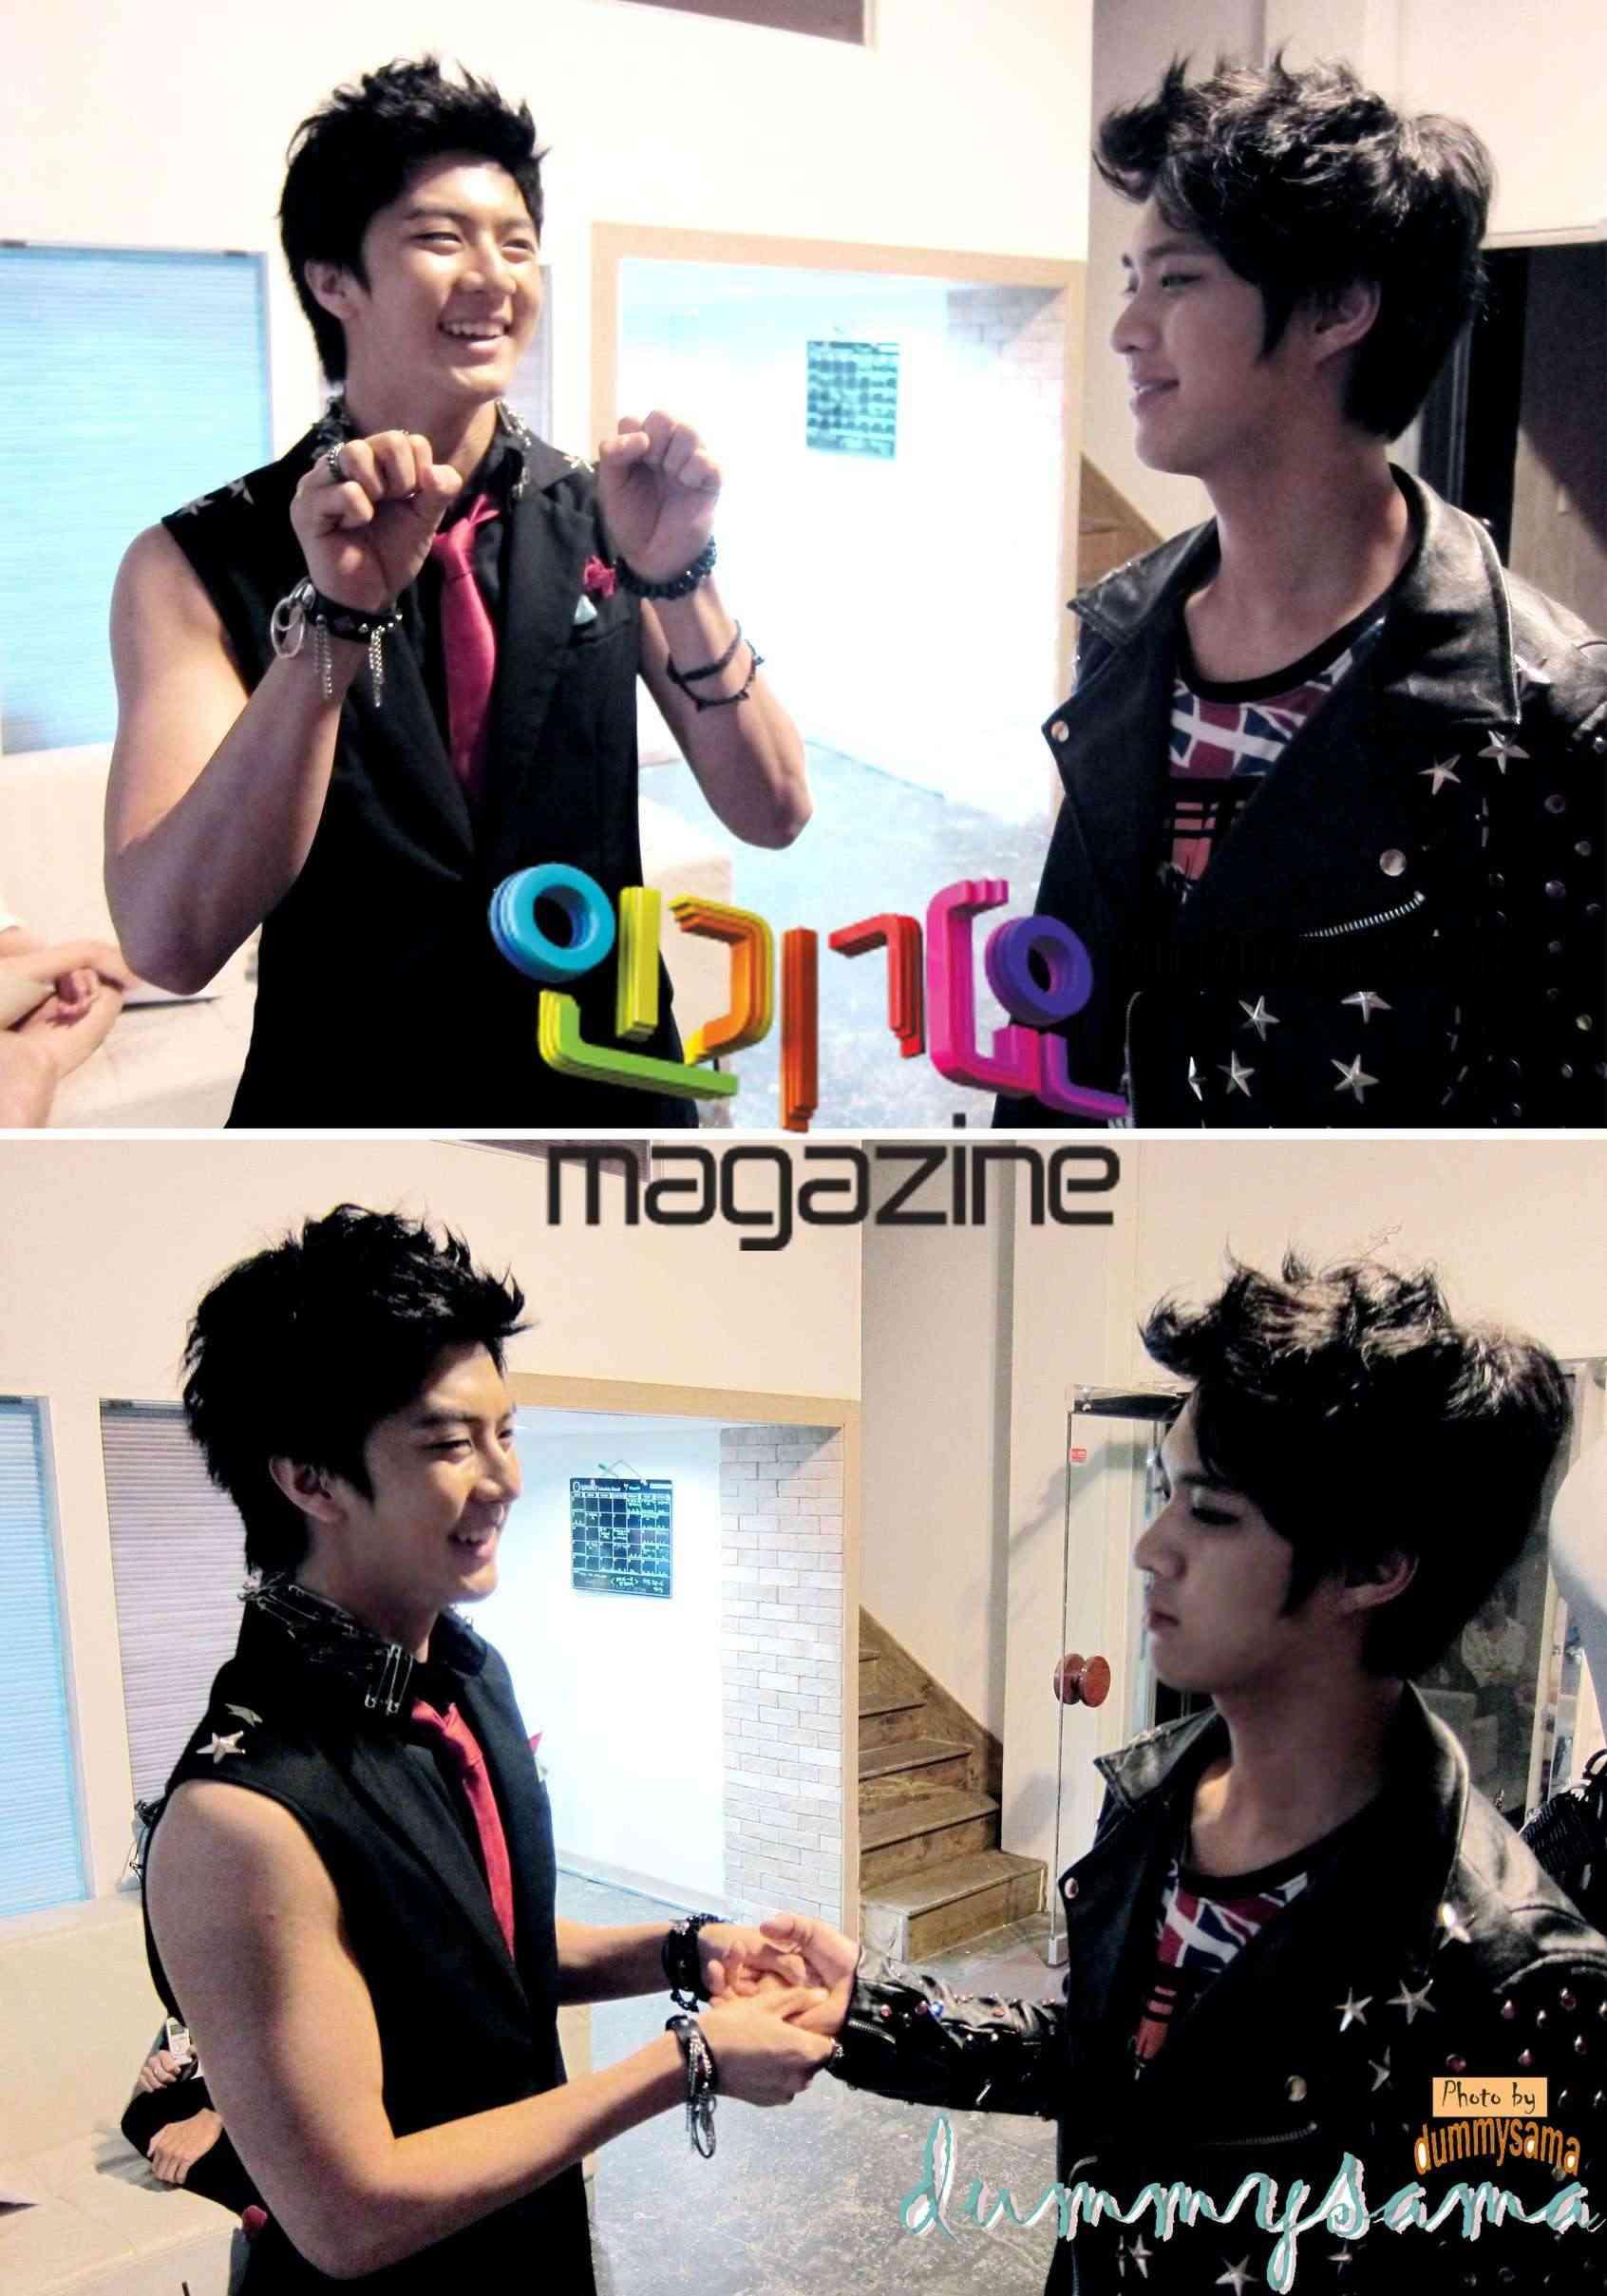 [Pics] Inkigayo Magazine Thuseu10